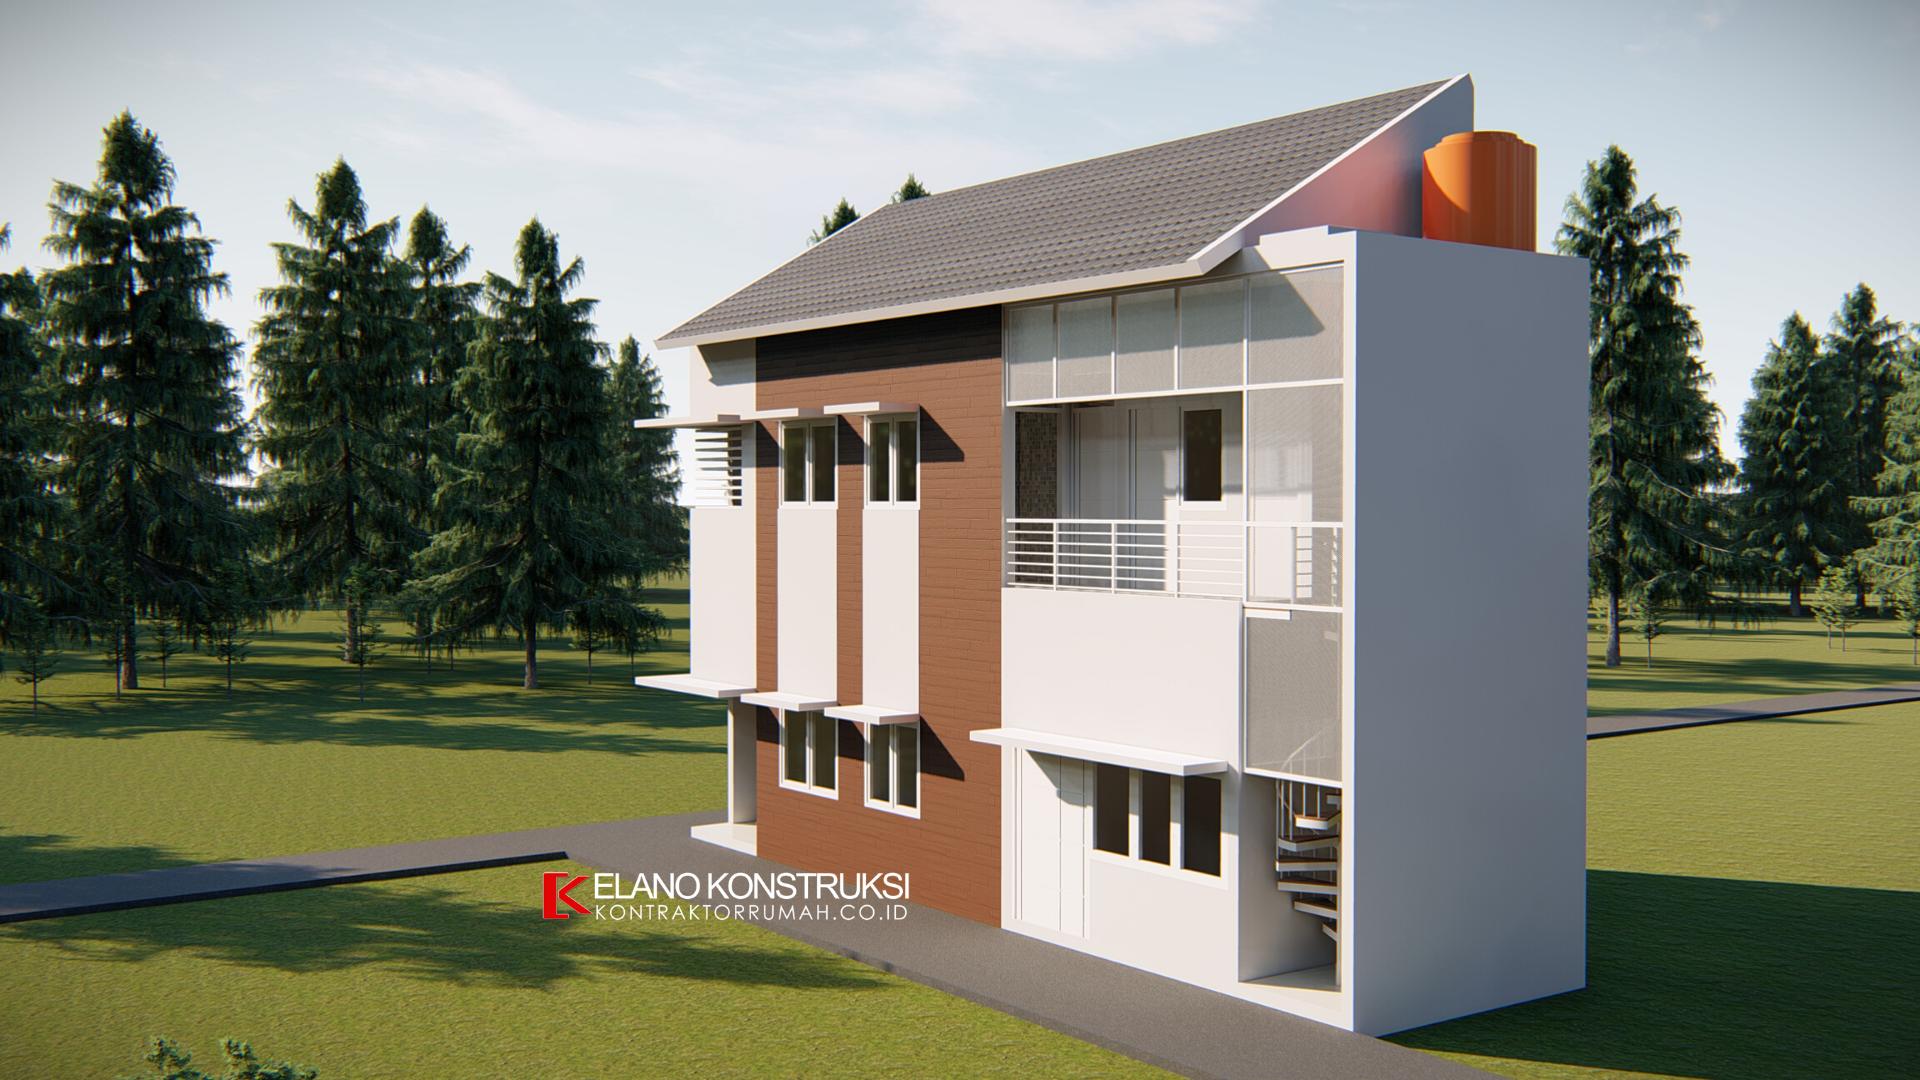 Untitled design 7 - Desain Rumah Kos Bapak Dede 72 M2 Jakarta Selatan